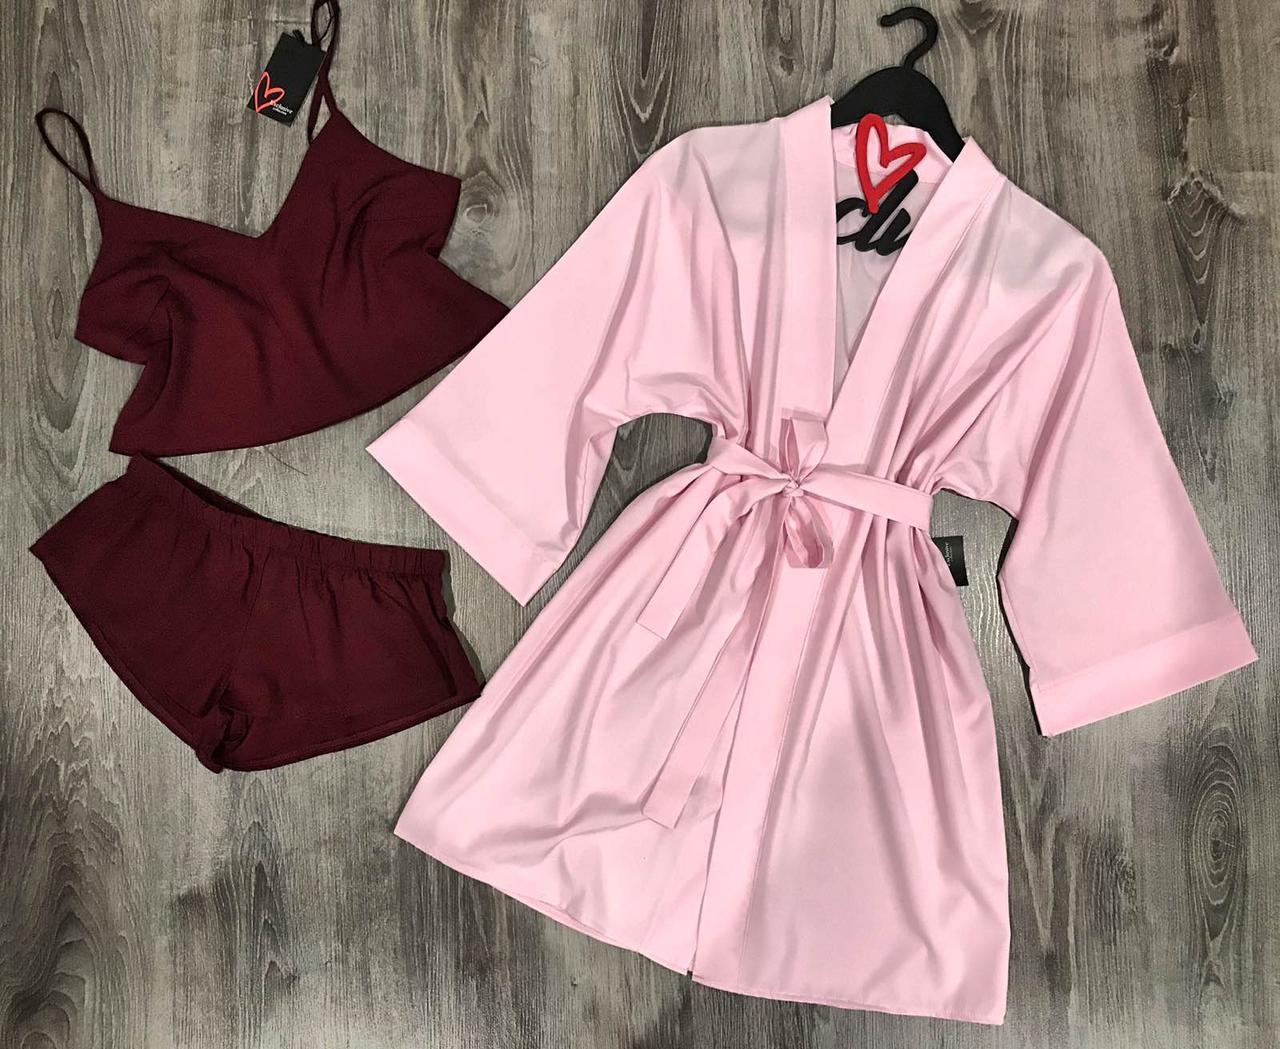 Халат с пижамой-молодежный комплект домашней одежды 047-094.